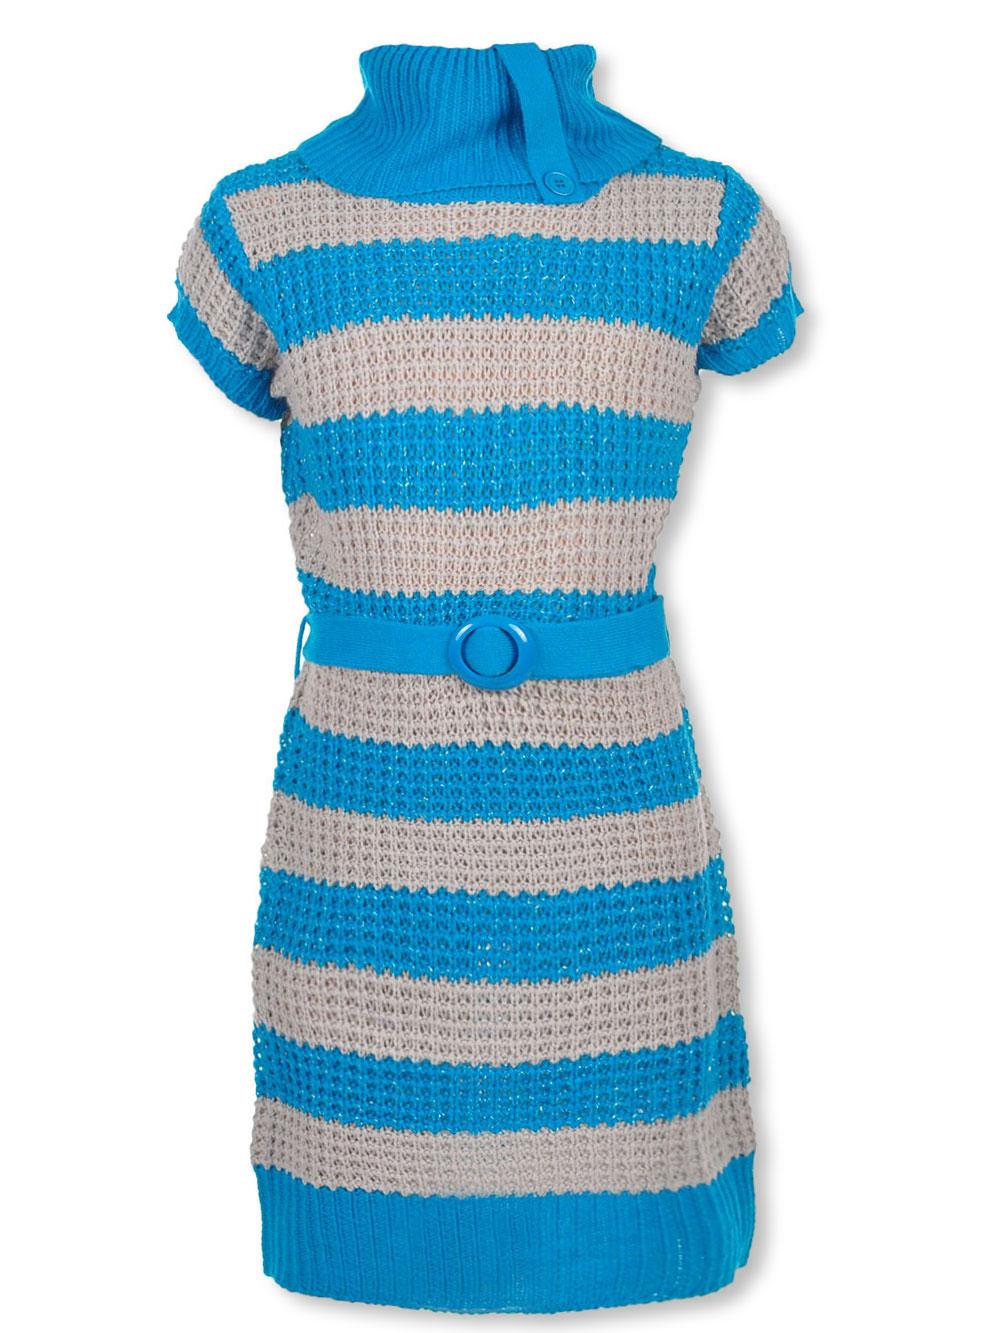 44736d78519 Dream Star Girls  Belted Sweater Dress